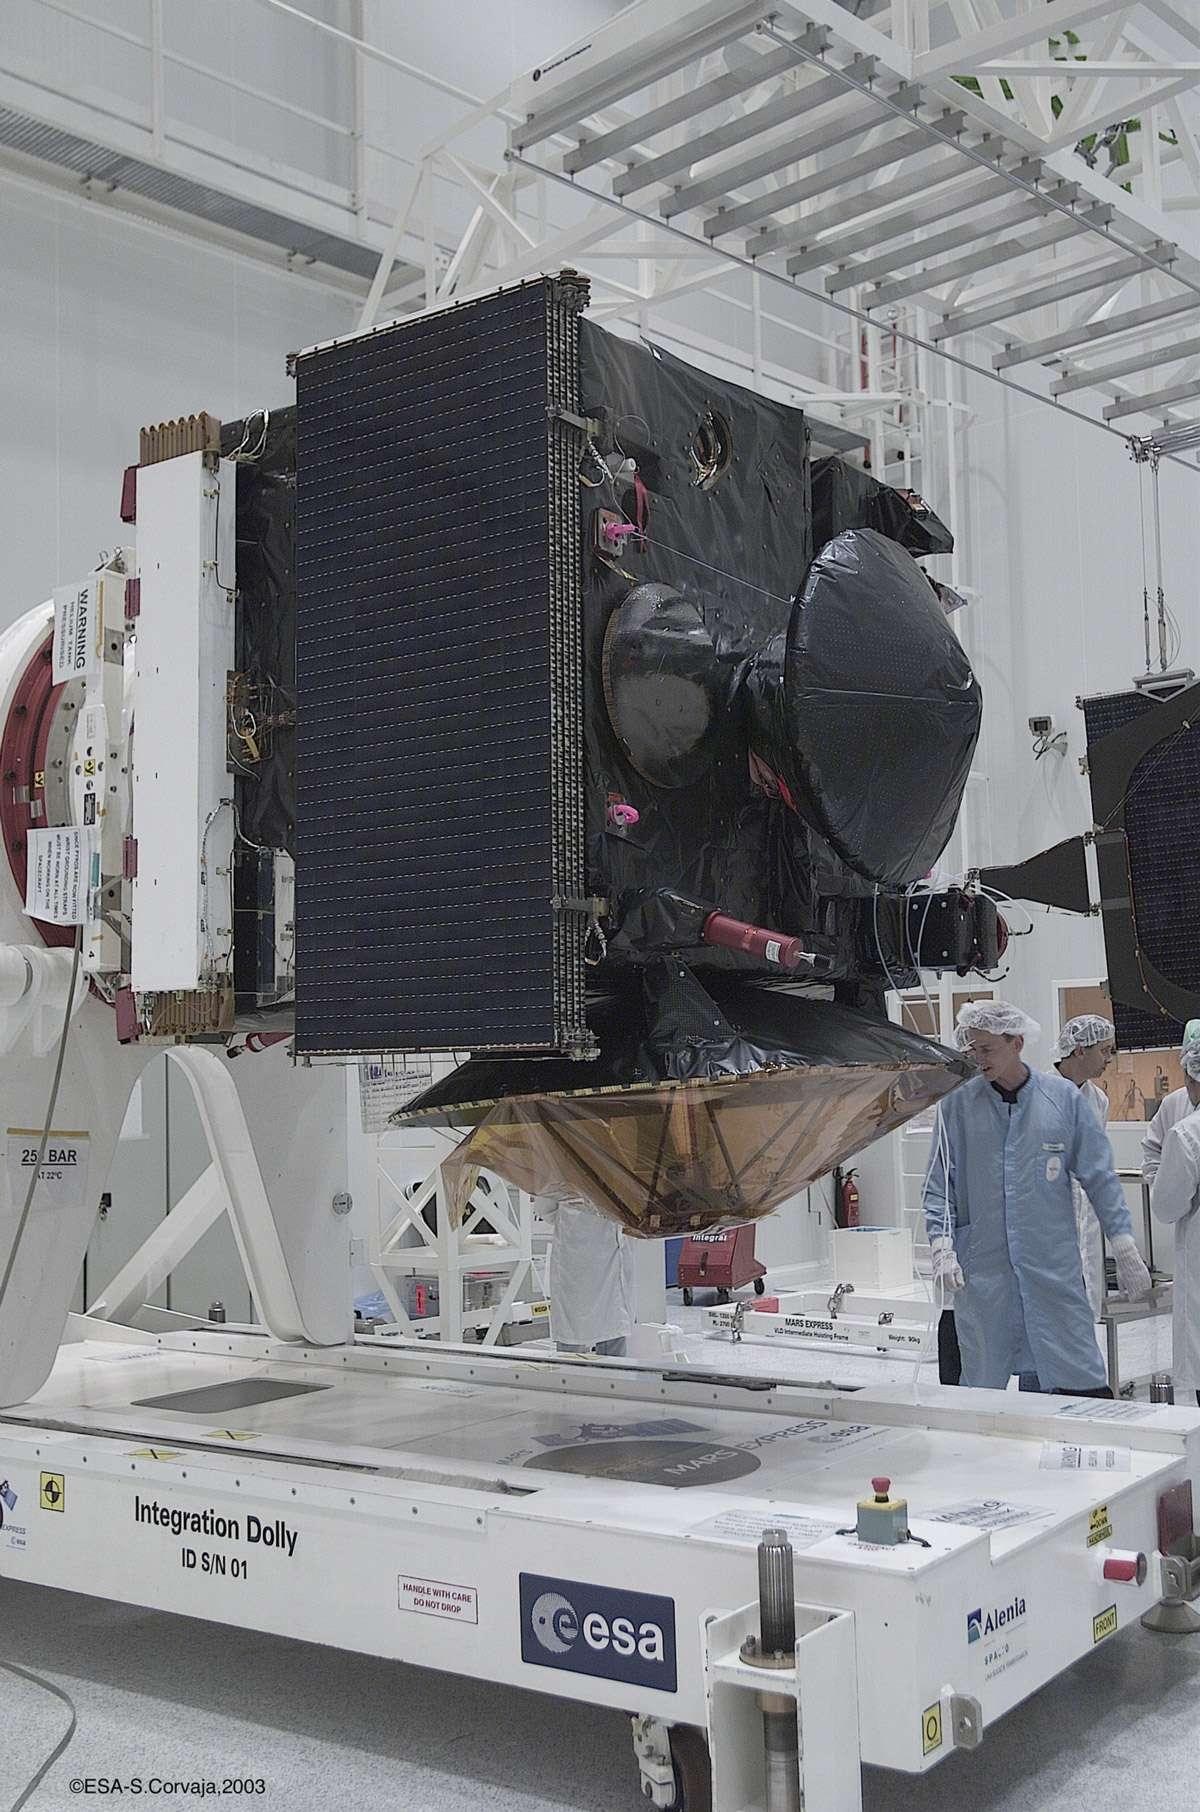 De forme parallélépipédique, de 1,5 x 1,8, x 1,4 m de côté, la sonde Mars Express est équipée de deux panneaux solaires déployables. Son radar Marsis est muni de deux antennes d'environ 20 m. On la voit ici dans les locaux de Starsem, à Baïkonour, quelques semaines avant son lancement. Beagle-2 est installé sur la face de la sonde, entouré d'un plastique noir (à ne pas confondre avec l'antenne grand gain qui fait face au sol). © S. Corvaja, Esa